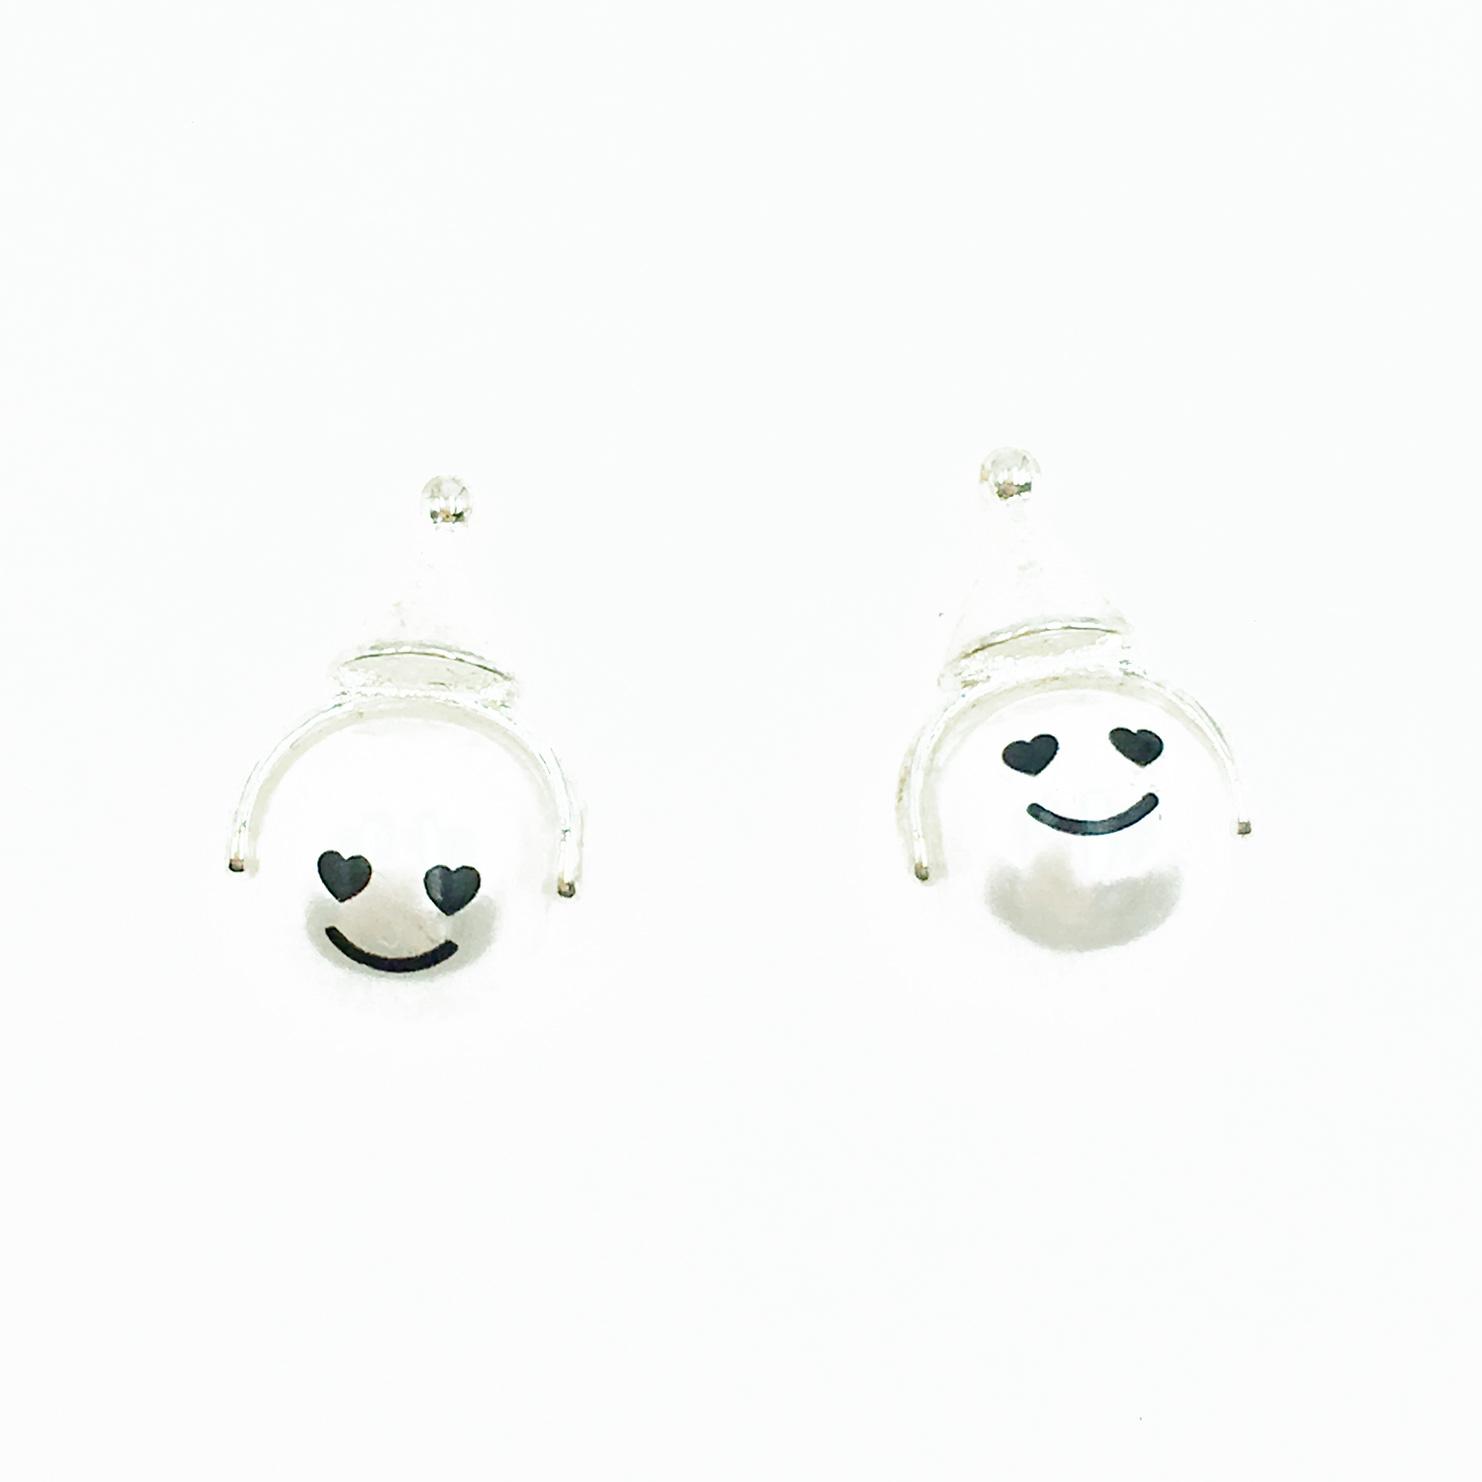 韓國 925純銀 珍珠 可愛笑臉 帽子 耳針式耳環